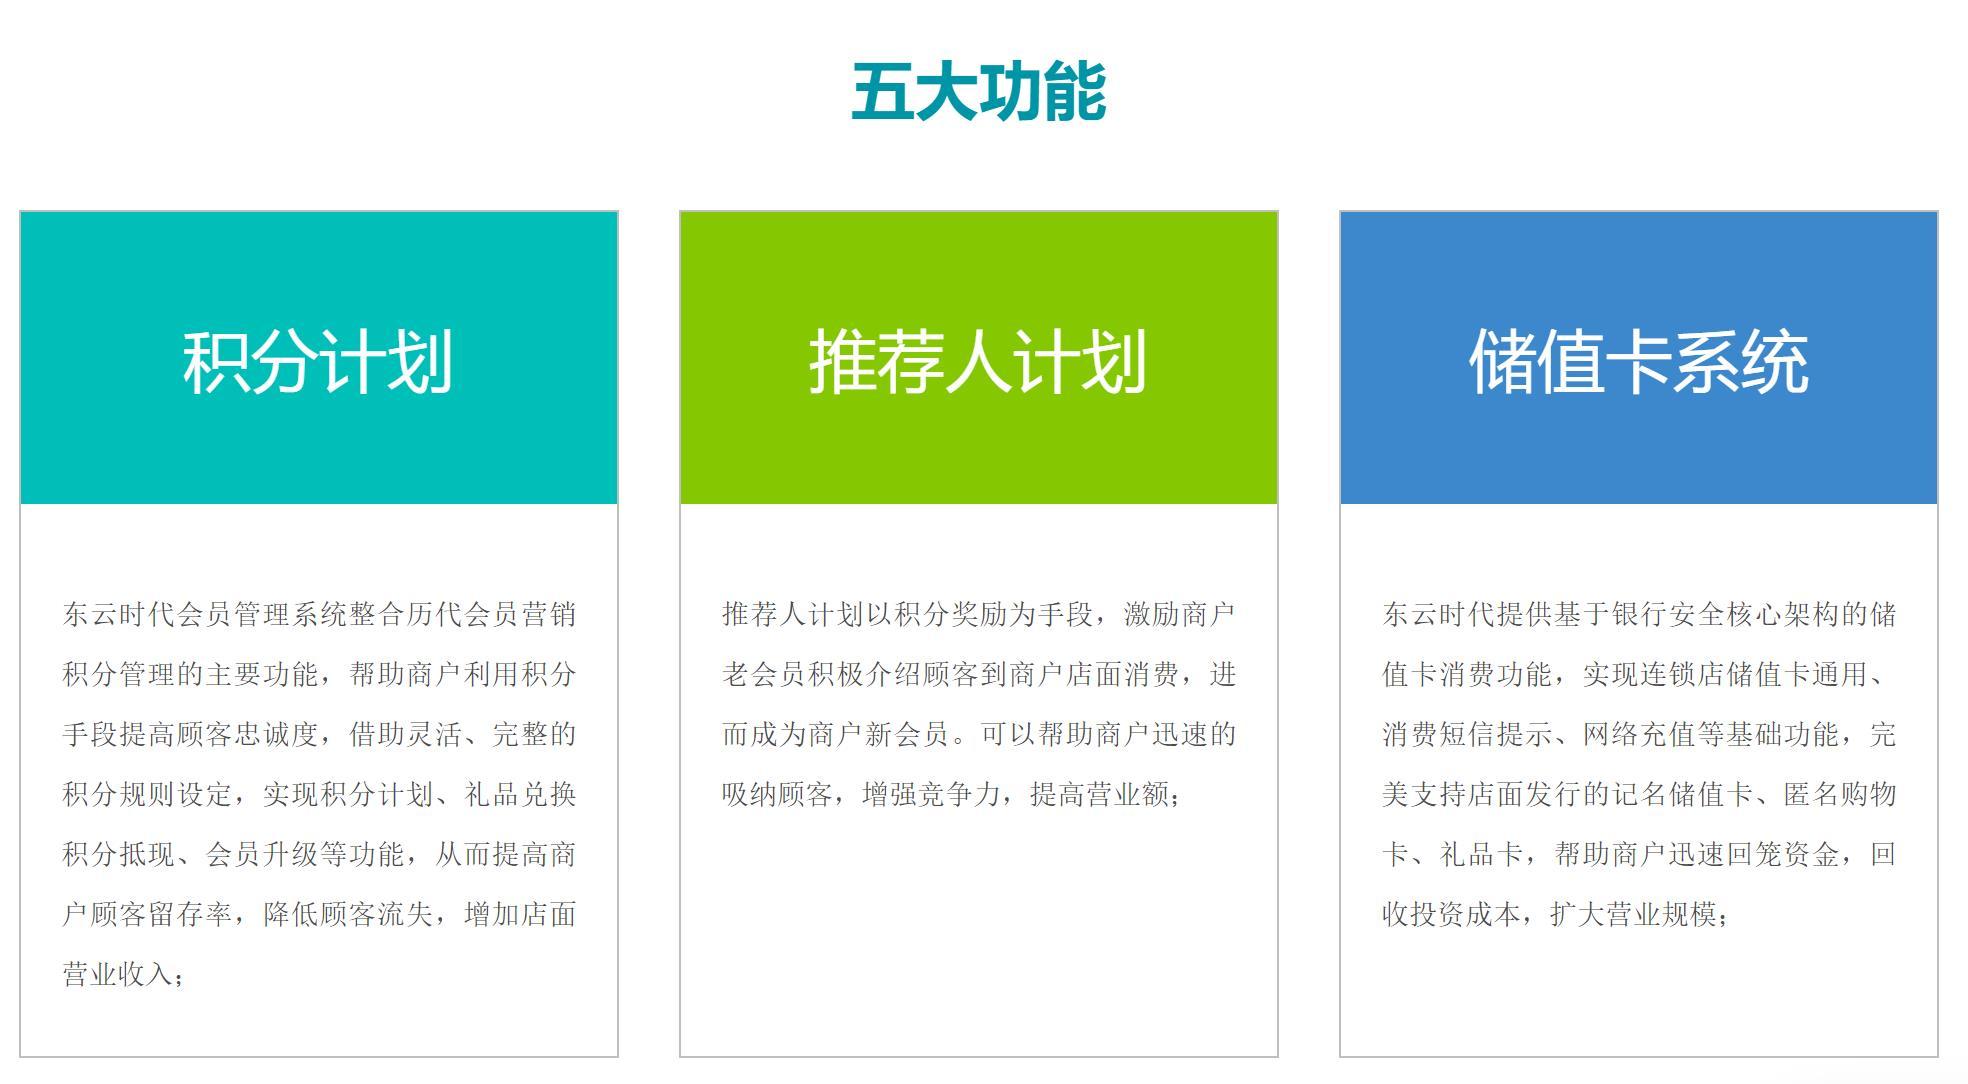 会员卡管理系统开发